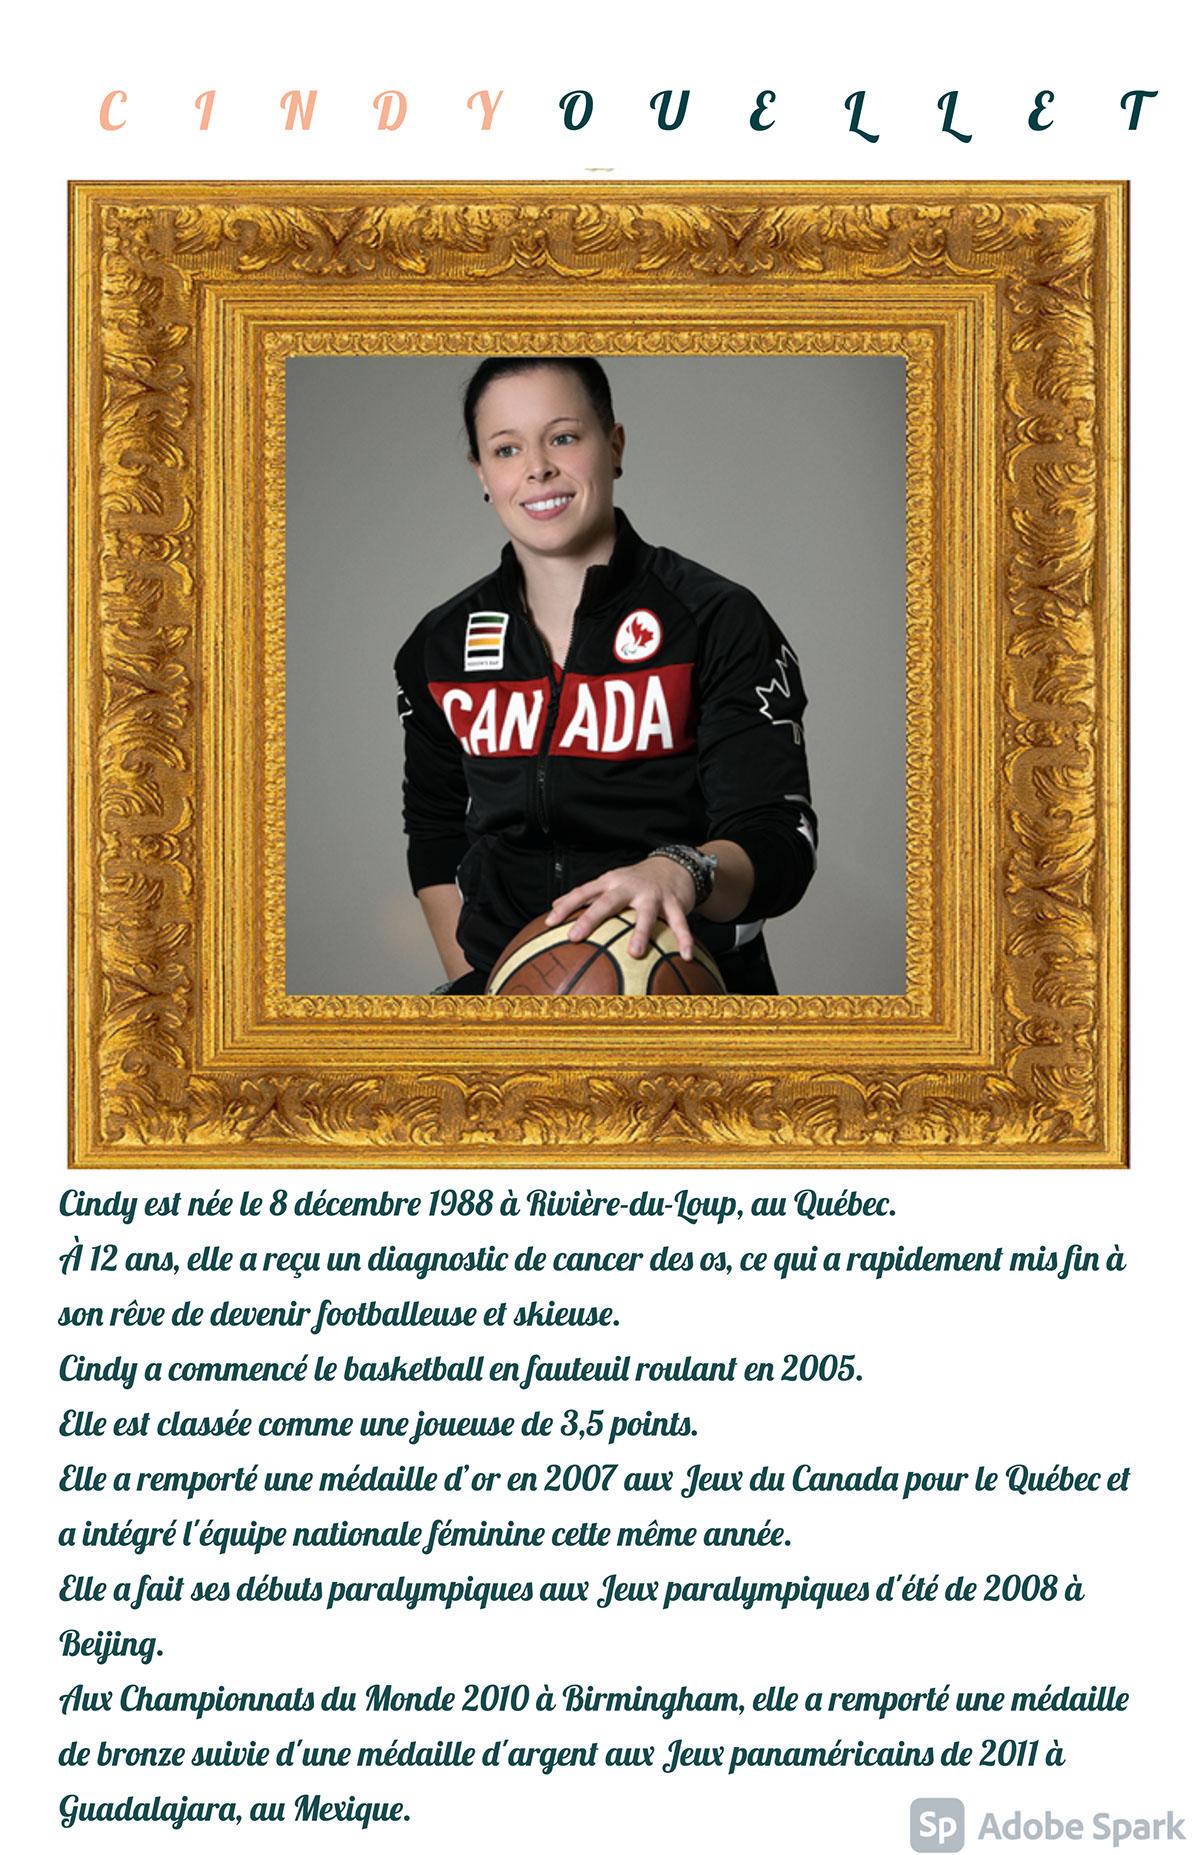 Cindy Ouellet Cindy Ouellet Cindy est née le 8 décembre 1988 à Rivière-du-Loup, au Québec. À 12 ans, elle a reçu un diagnostic de cancer des os, ce qui a rapidement mis fin à son rêve de devenir footballeuse et skieuse. Cindy a commencé le basketball en fauteuil roulant en 2005. Elle est classée comme une joueuse de 3,5 points. Elle a remporté une médaille d'or en 2007 aux Jeux du Canada pour le Québec et a intégré l'équipe nationale féminine cette même année. Elle a fait ses débuts paralympiques aux Jeux paralympiques d'été de 2008 à Beijing. Aux Championnats du Monde 2010 à Birmingham, elle a remporté une médaille de bronze suivie d'une médaille d'argent aux Jeux panaméricains de 2011 à Guadalajara, au Mexique.